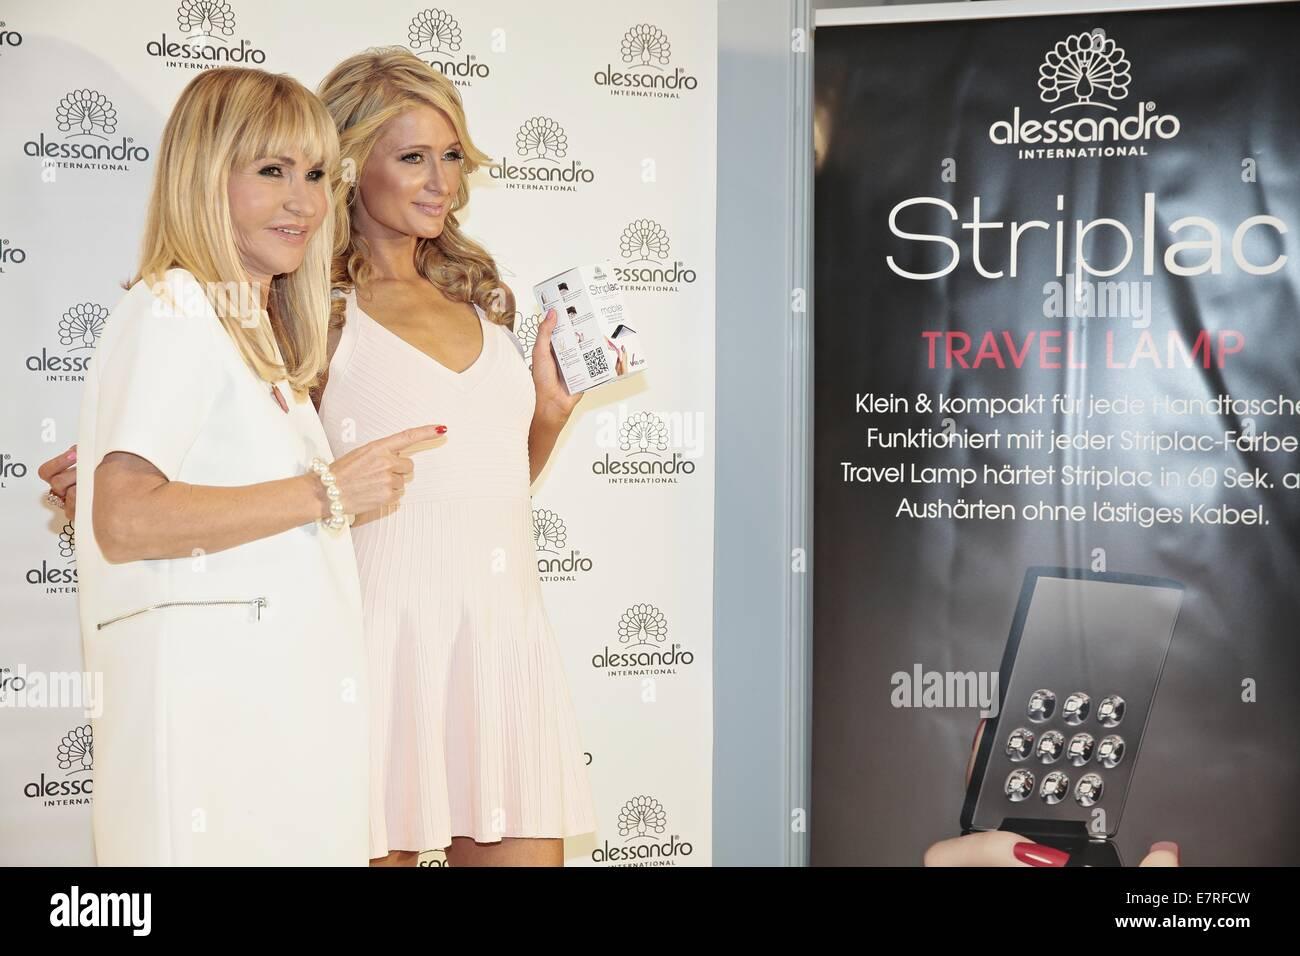 Paris Hilton la promotion de produits Alessandro lors de sa visite au salon de la beauté. Avec: Silvia Photo Stock